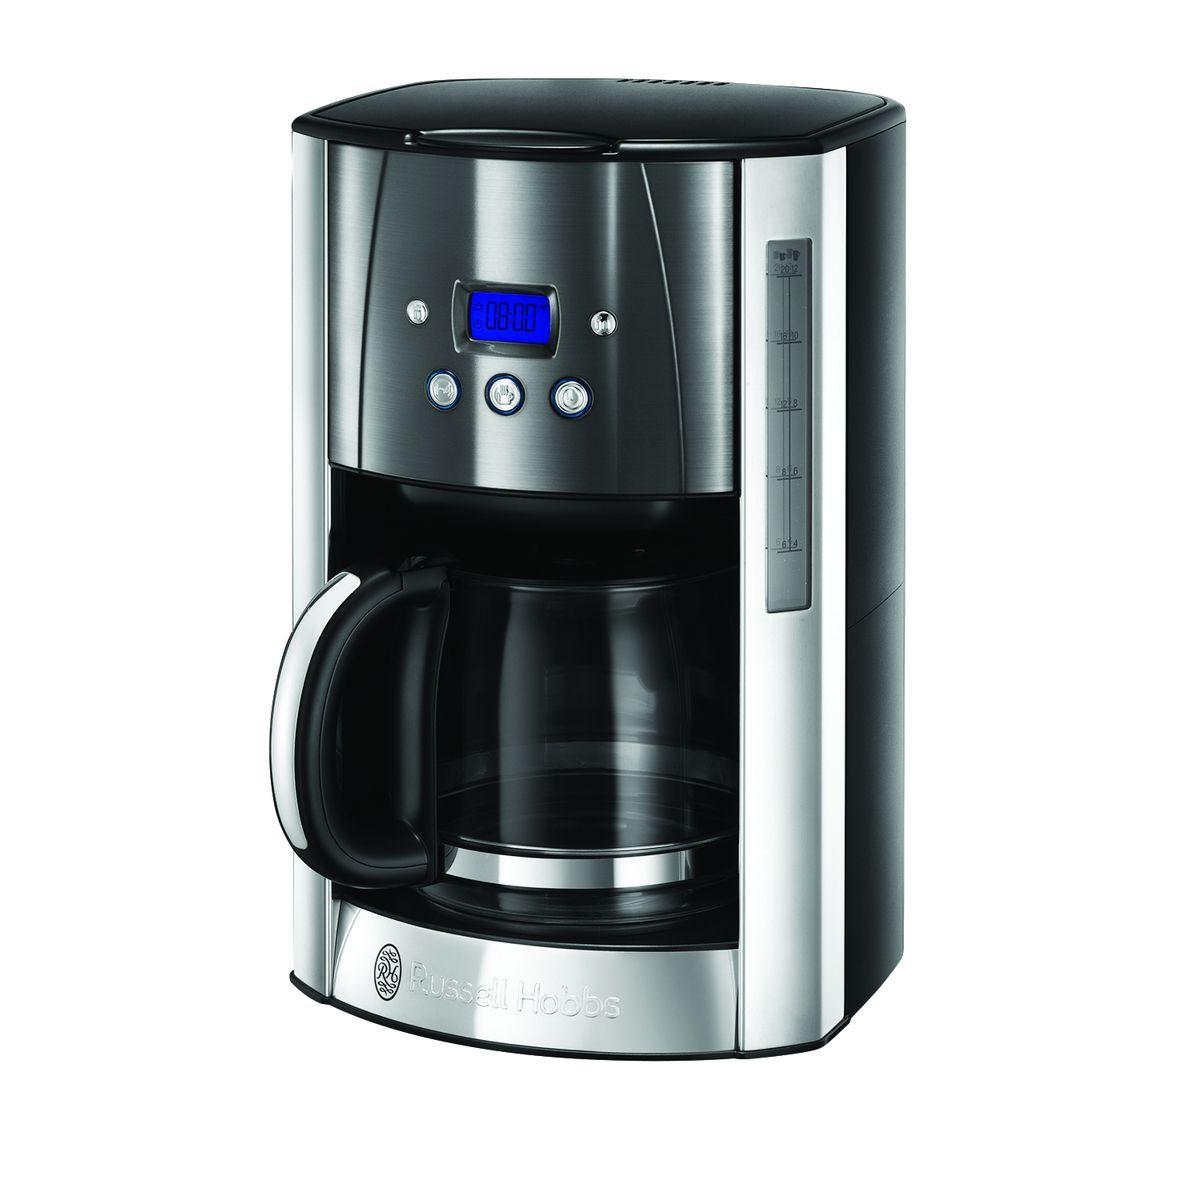 Cafetière programmable Luna 23241-56 - Gris et Inox